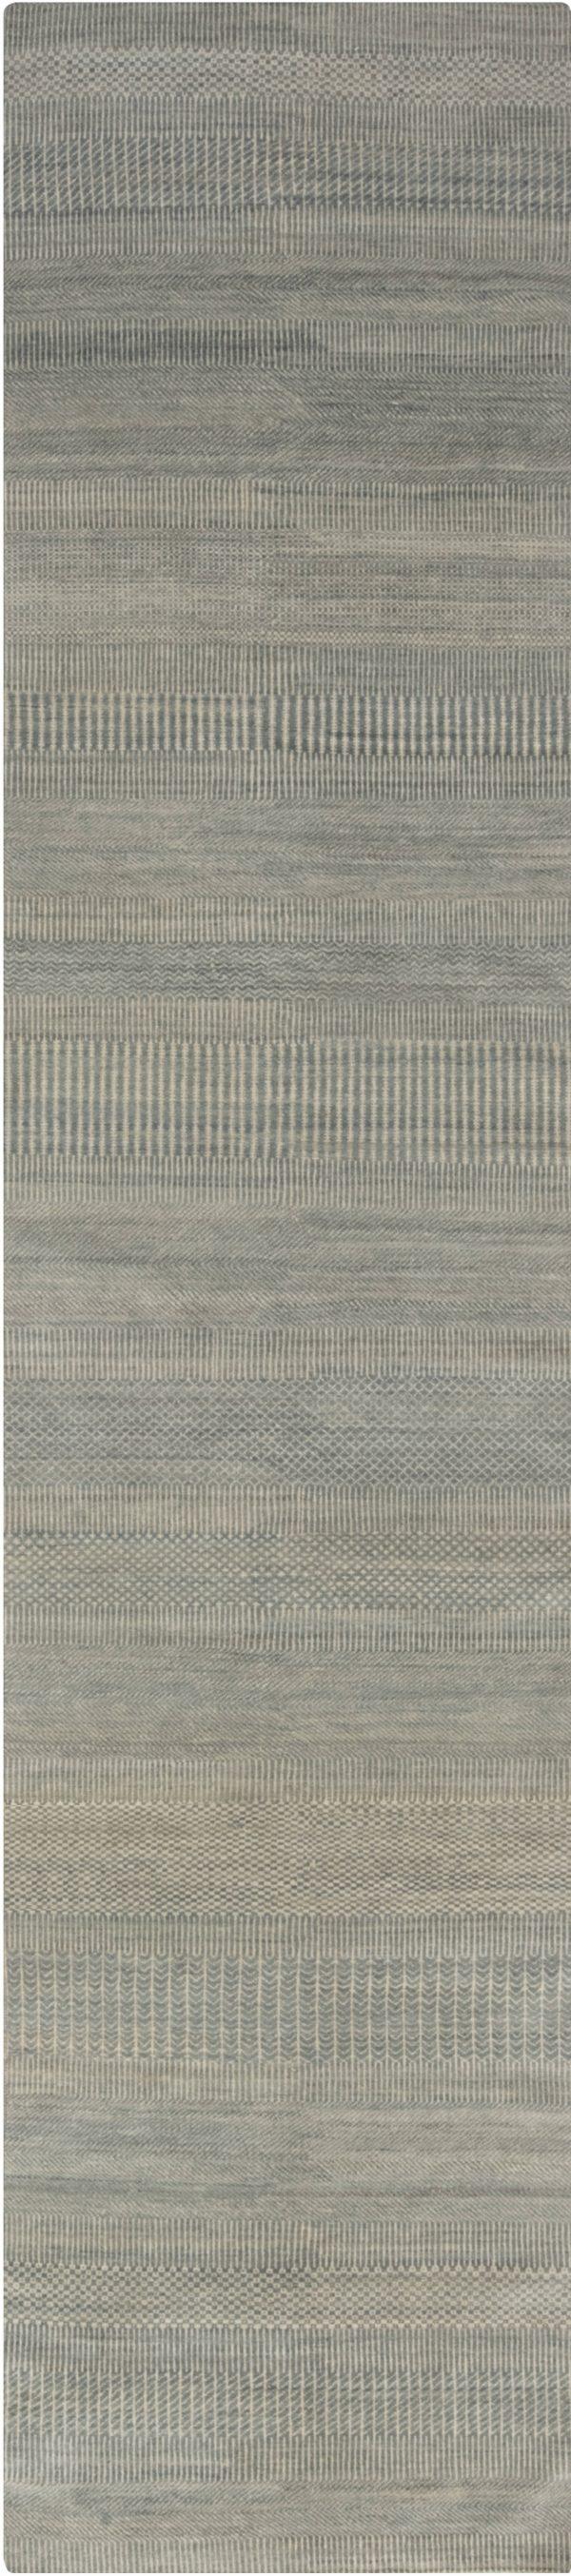 Corredor de tejido plano contemporáneo N11771